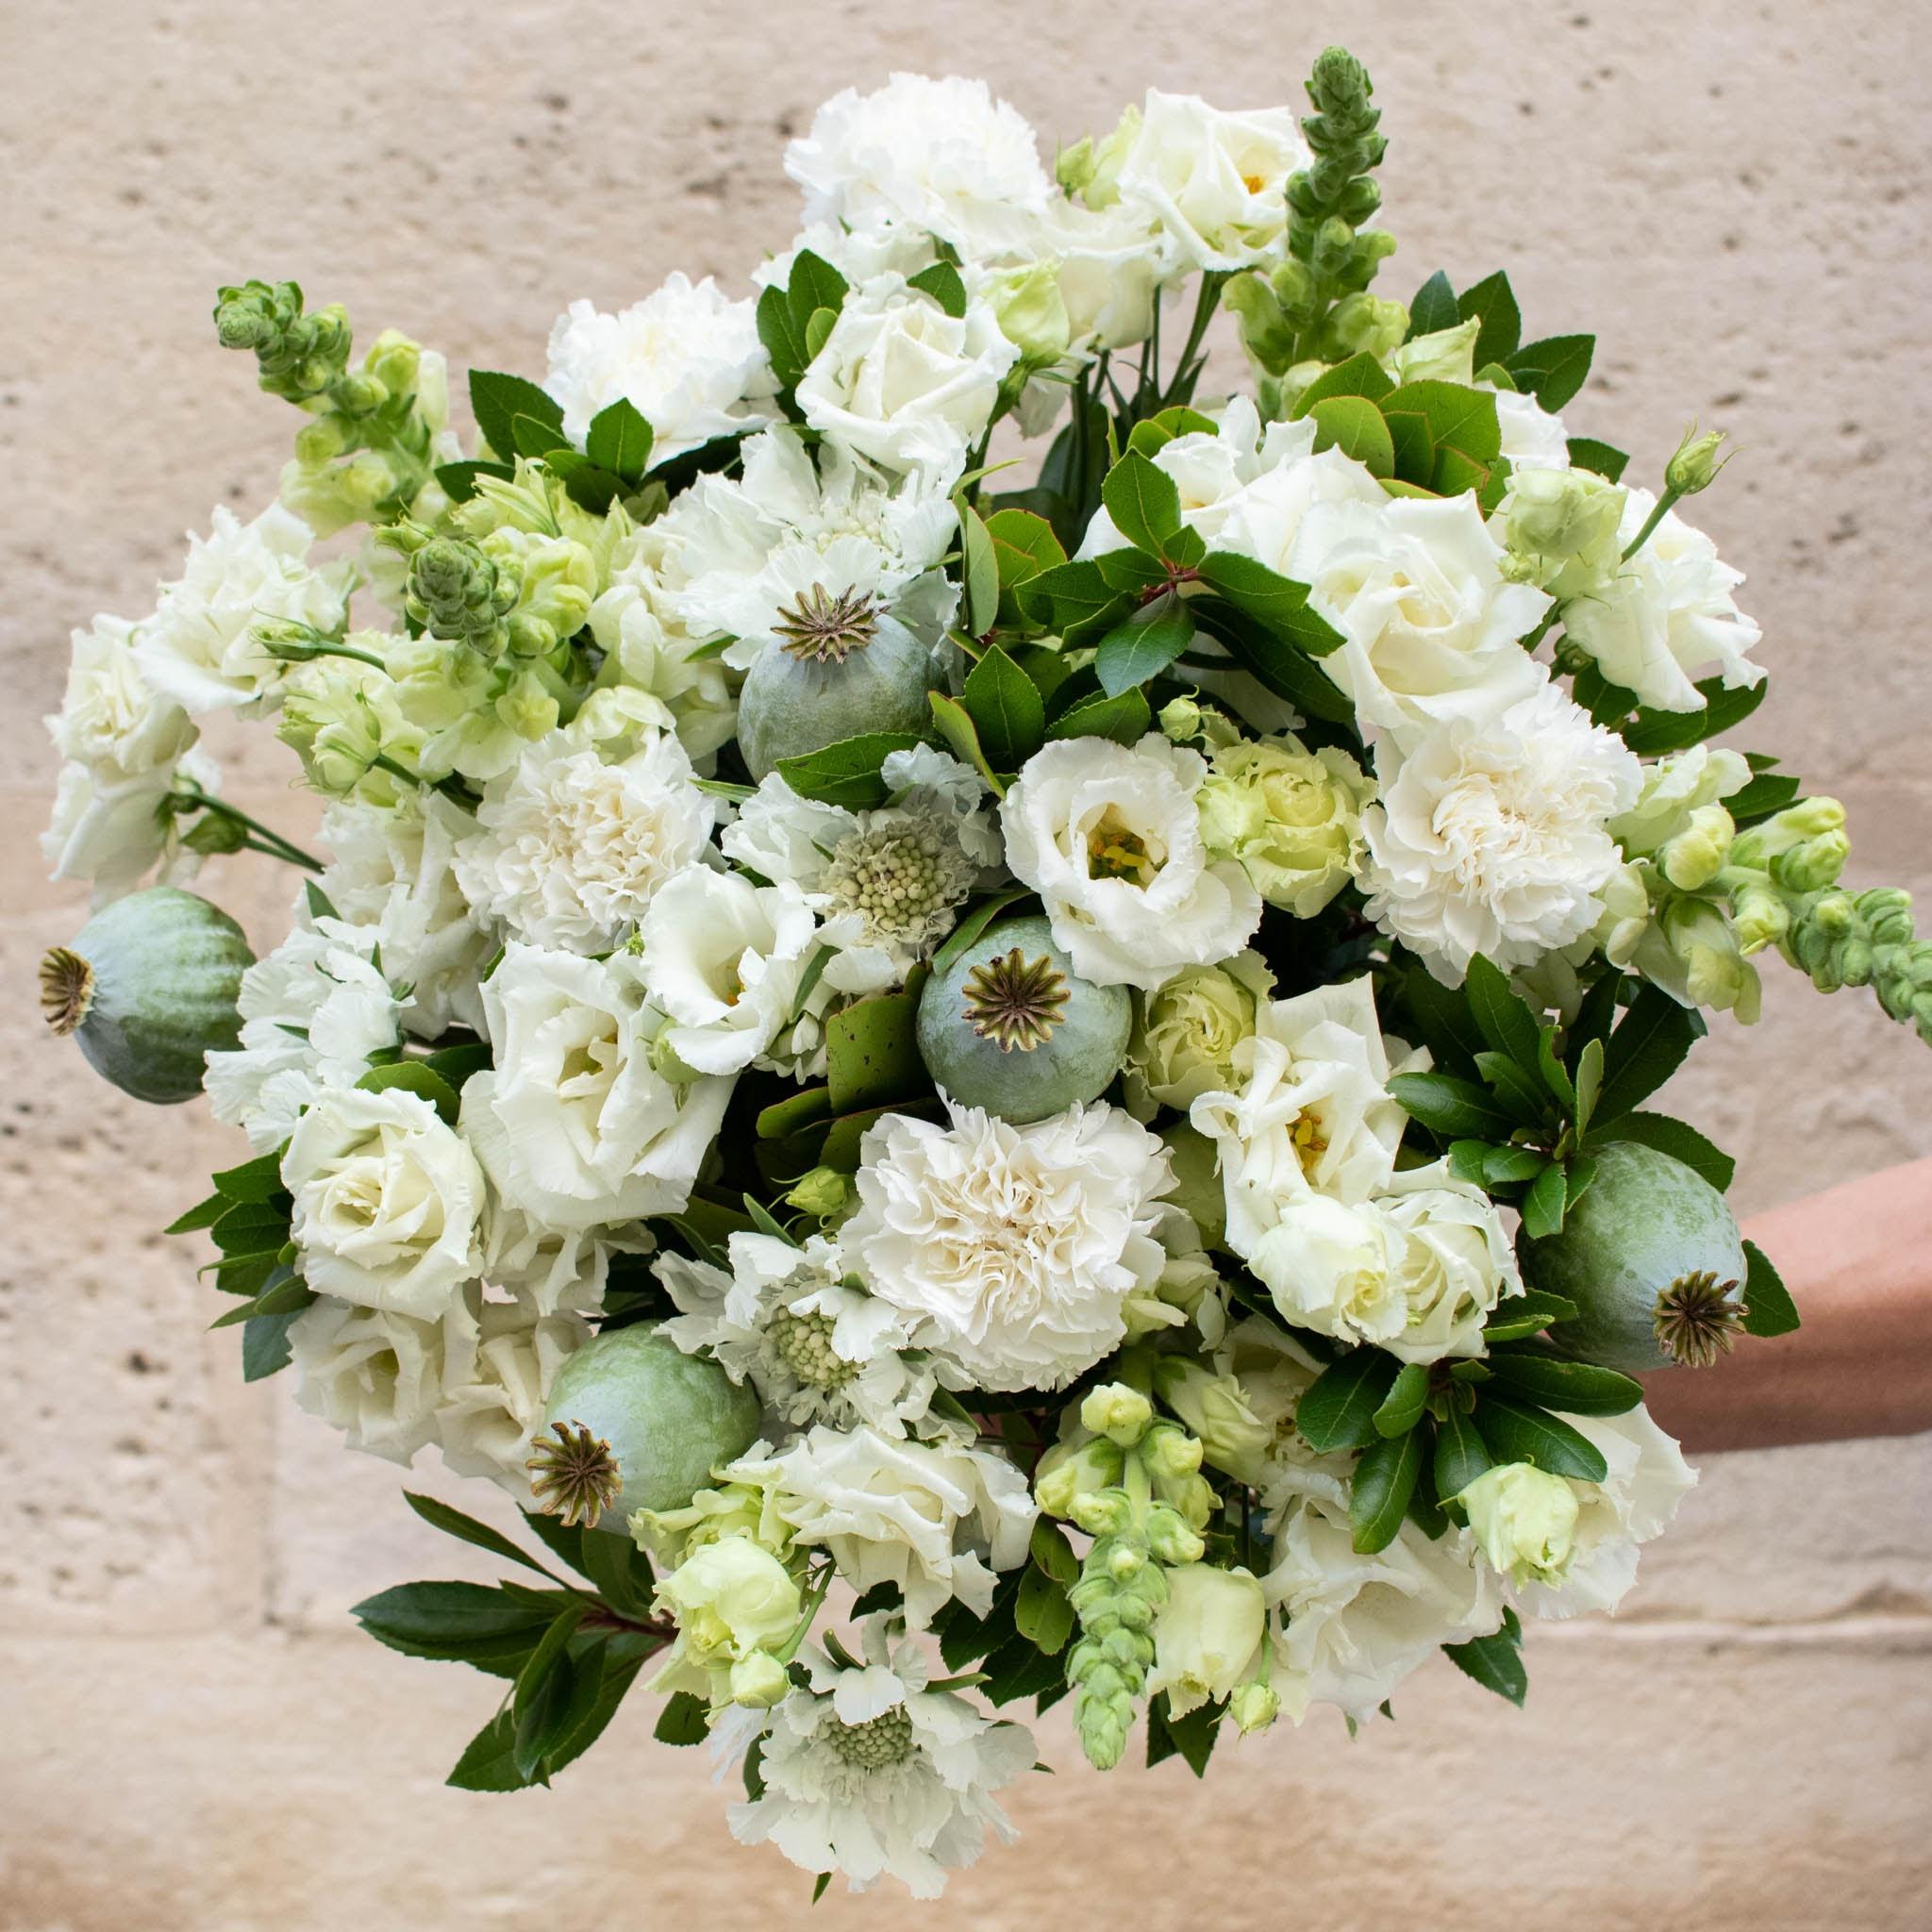 """Blumenstrauß Mykonos+ - Innerhalb der nächsten zwei Wochen spenden wir pro verkauftem Blumenstrauß 2€ an """"Aktion Deutschland hilft"""" und die Betroffenen der Hochwasser-Katastrophe."""